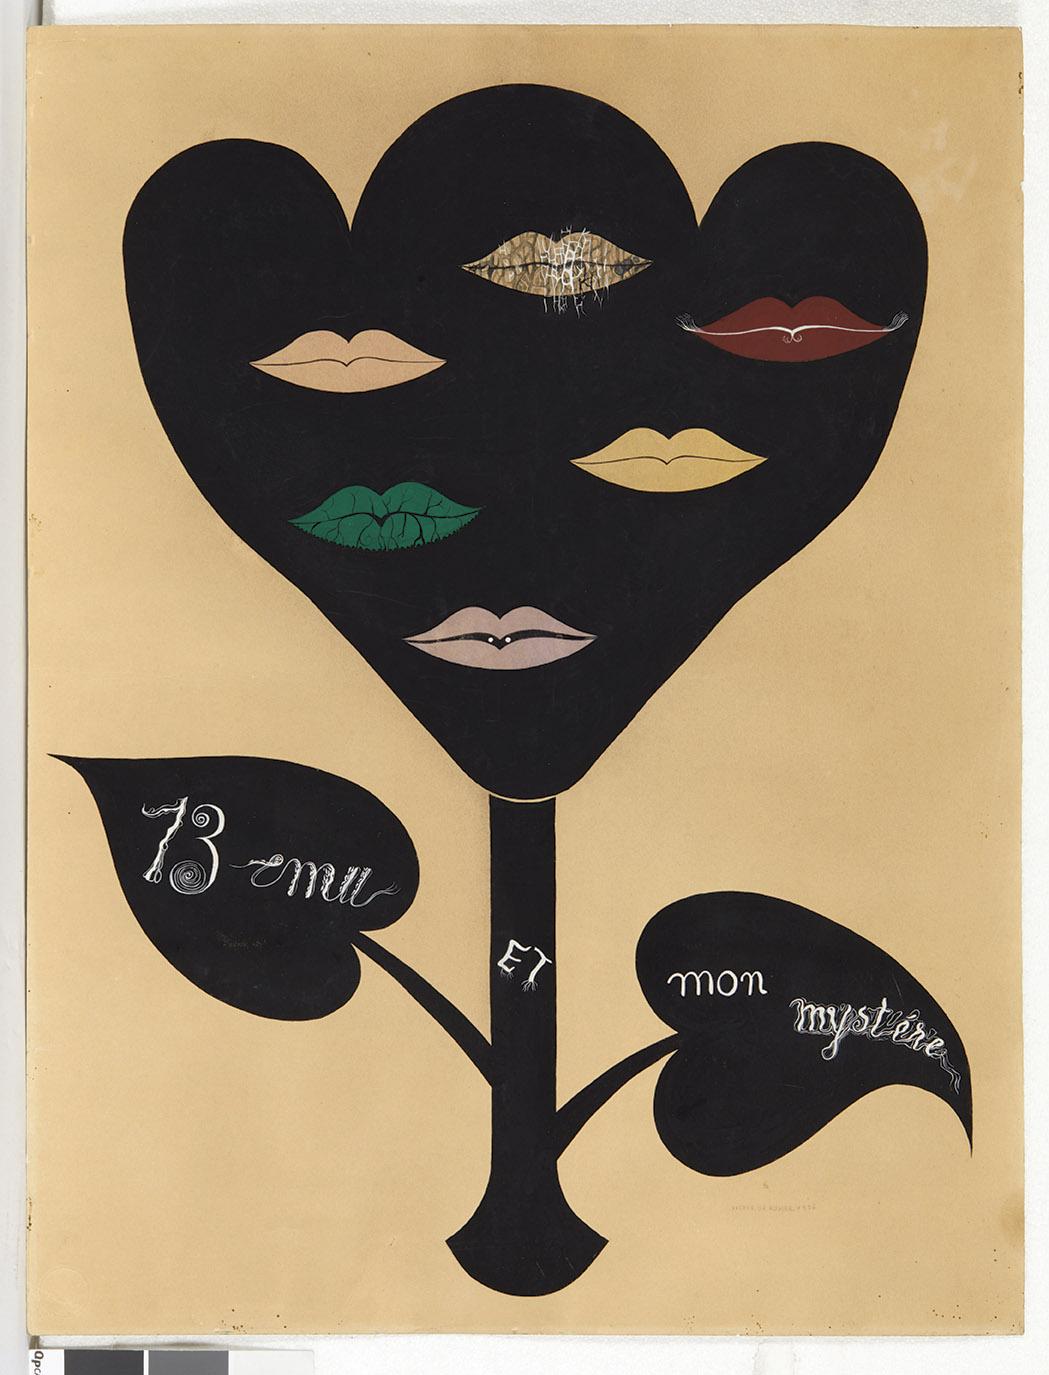 Victor Brauner (1903-1966), 13 ému et mon mystère, 1936, gouache, 65 x 49,5 cm. Estimation:12 000/15 000 €